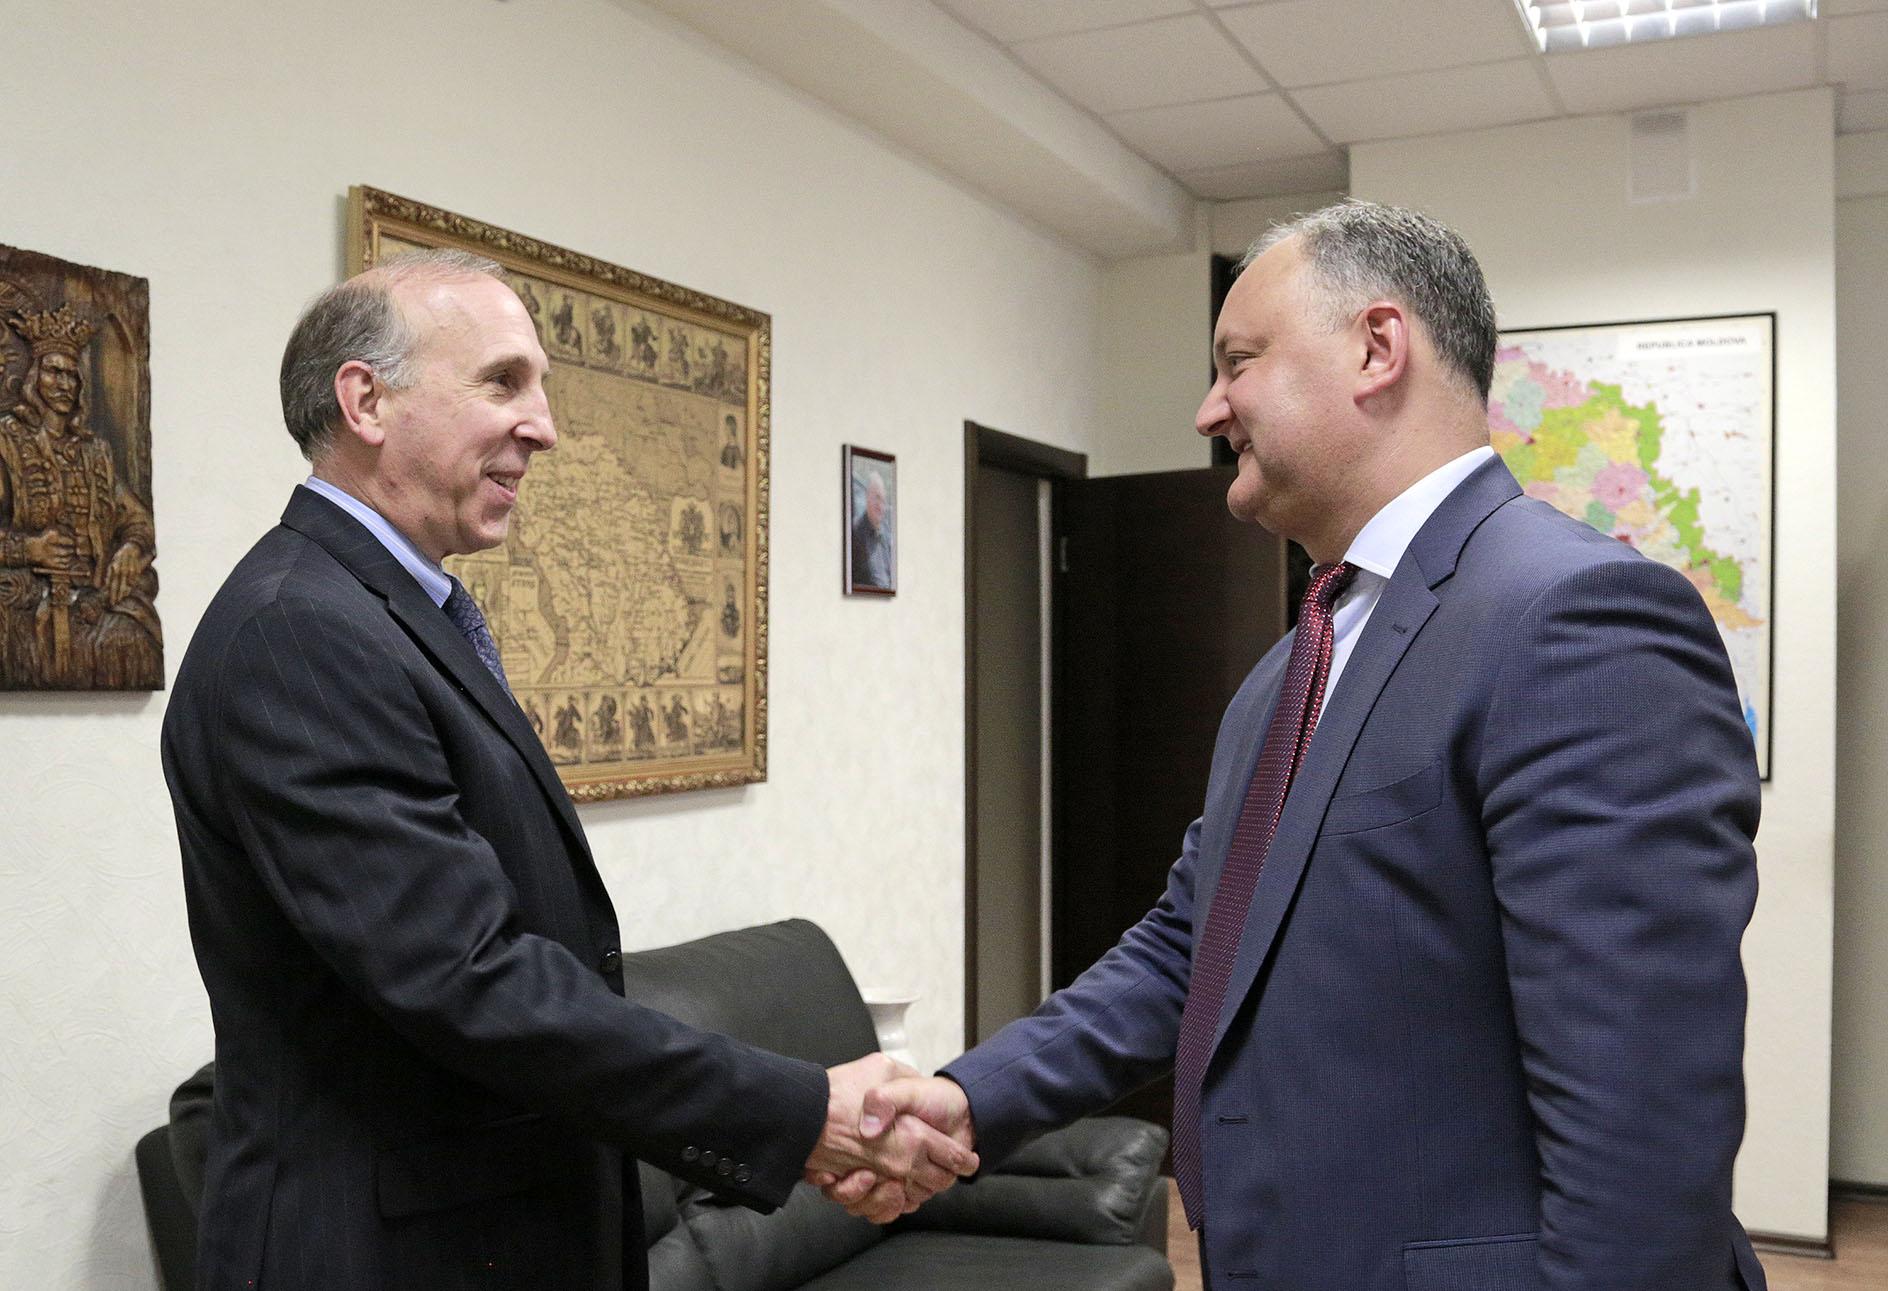 Игорь Додон – послу США: Часть вины за катастрофическую ситуацию в РМ несут и партнеры по развитию Молдовы